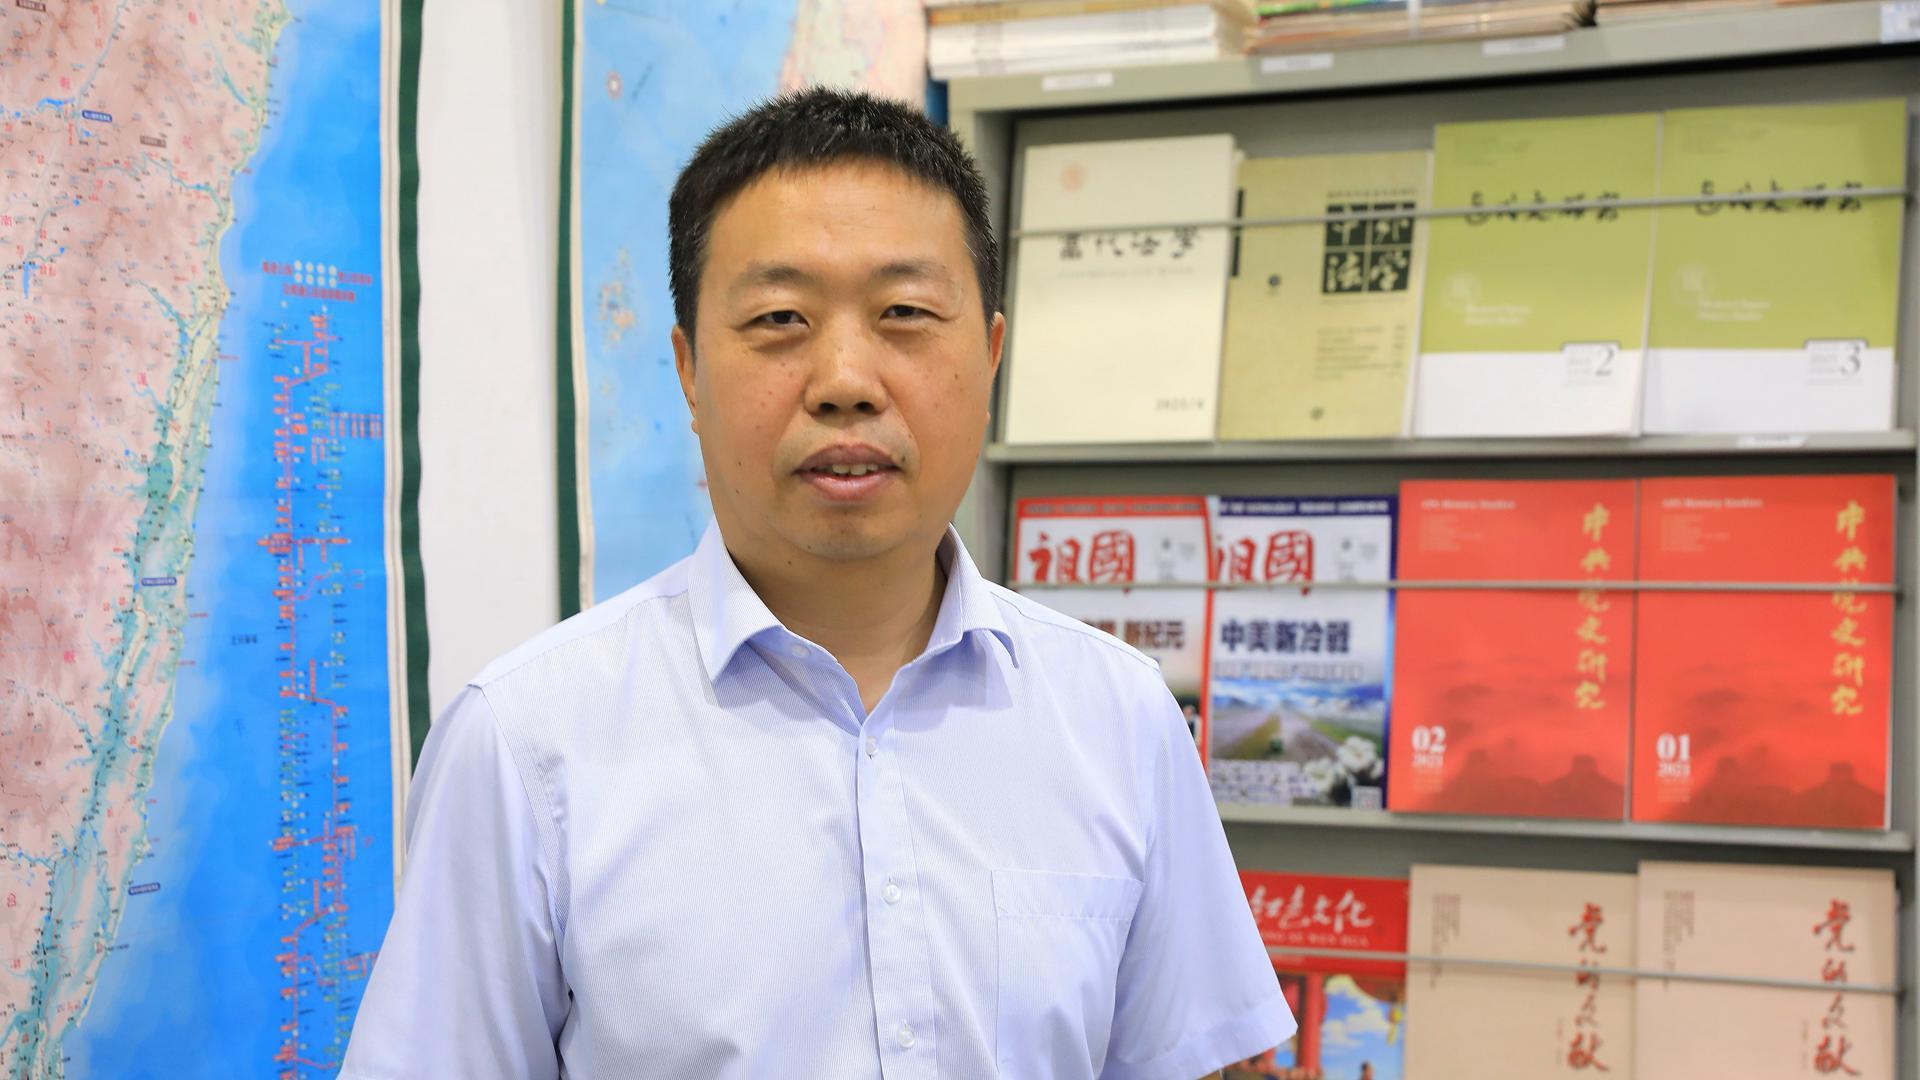 李振广:大陆解决台湾问题力不从心、鞭长莫及的时代已翻篇图片